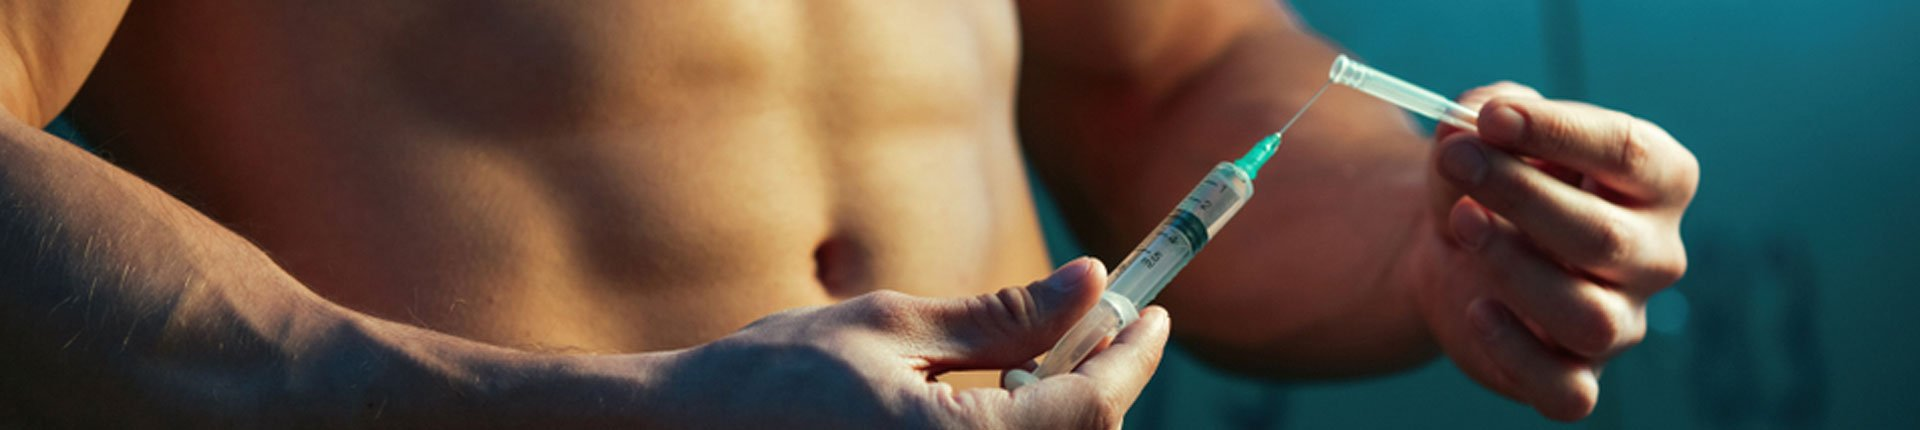 Najczęściej stosowane sterydy i ich skutki uboczne